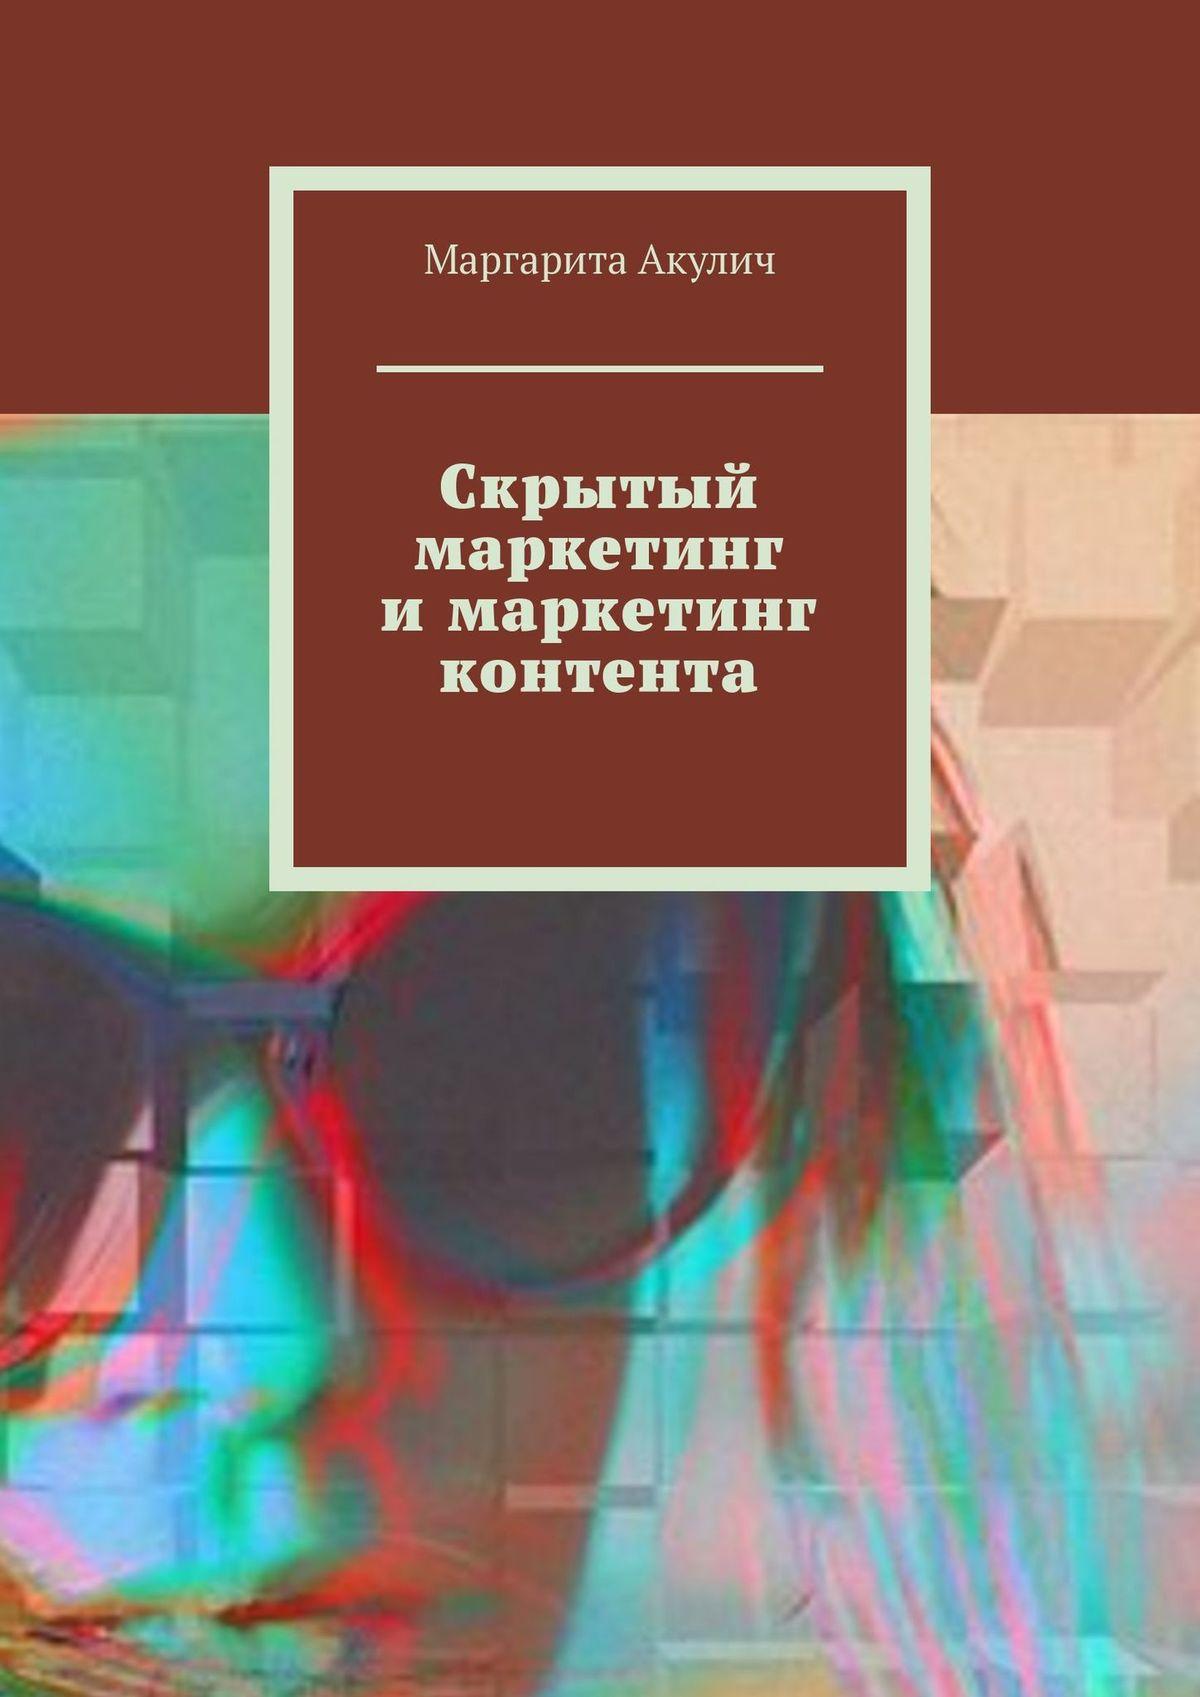 Маргарита Акулич Скрытый маркетинг и маркетинг контента маргарита акулич контекстная реклама имаркетинг контента